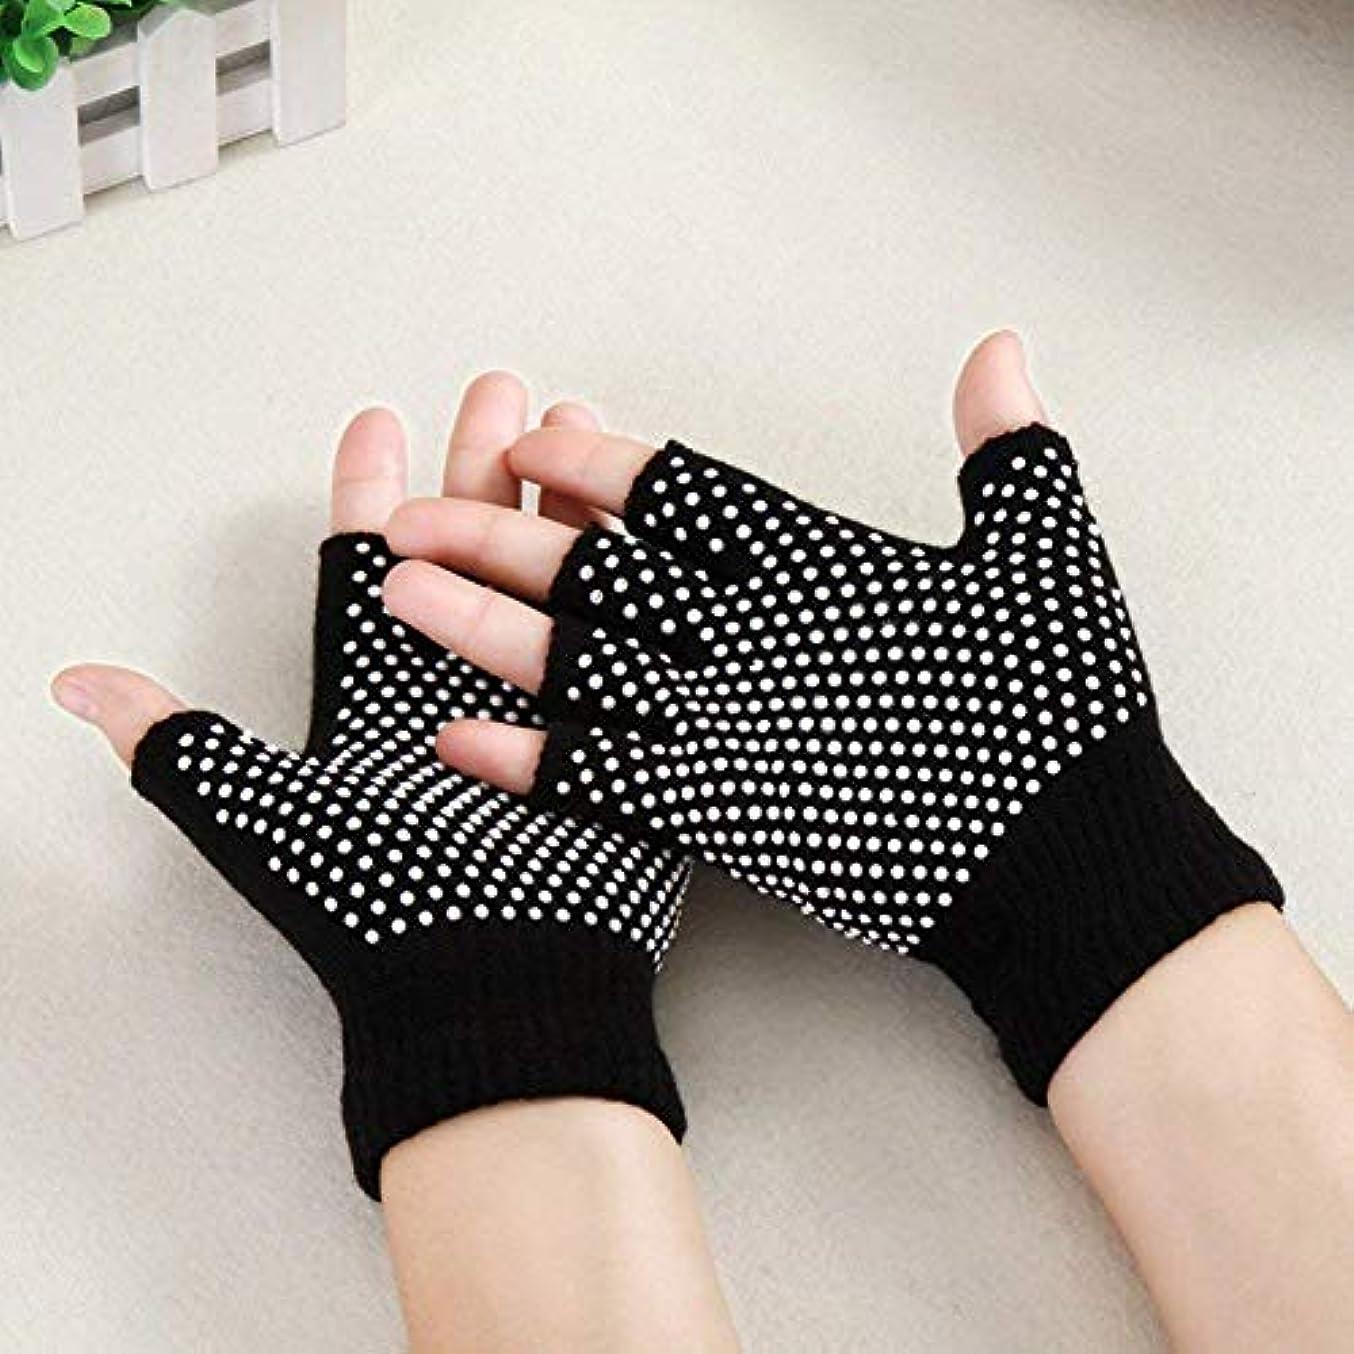 タイピスト悪意可能性Tyou ヨガ手袋 ヨガ グローブ スポーツ手袋 指なし 手袋 指無しタイプ滑り止め付き 通気性 耐磨耗性 スポーツ グローブ 男女兼用